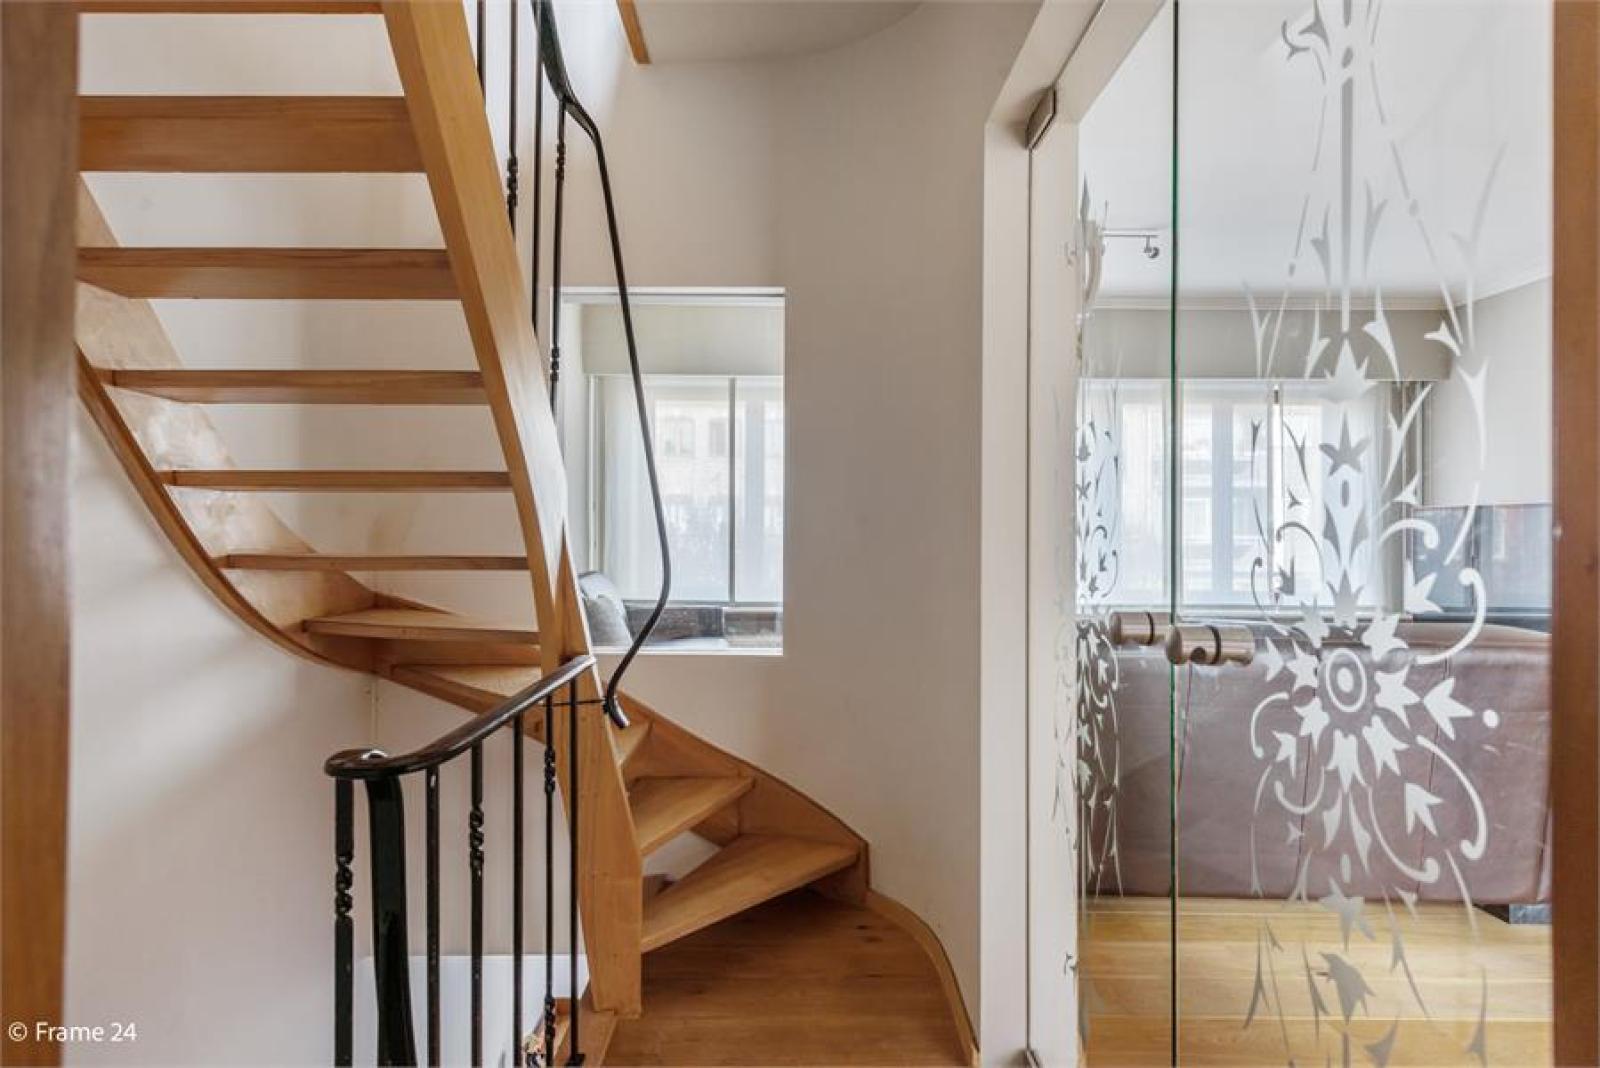 Verzorgde bel-étage met 3 slaapkamers, tuin en garage nabij centrum Wijnegem gelegen. afbeelding 14